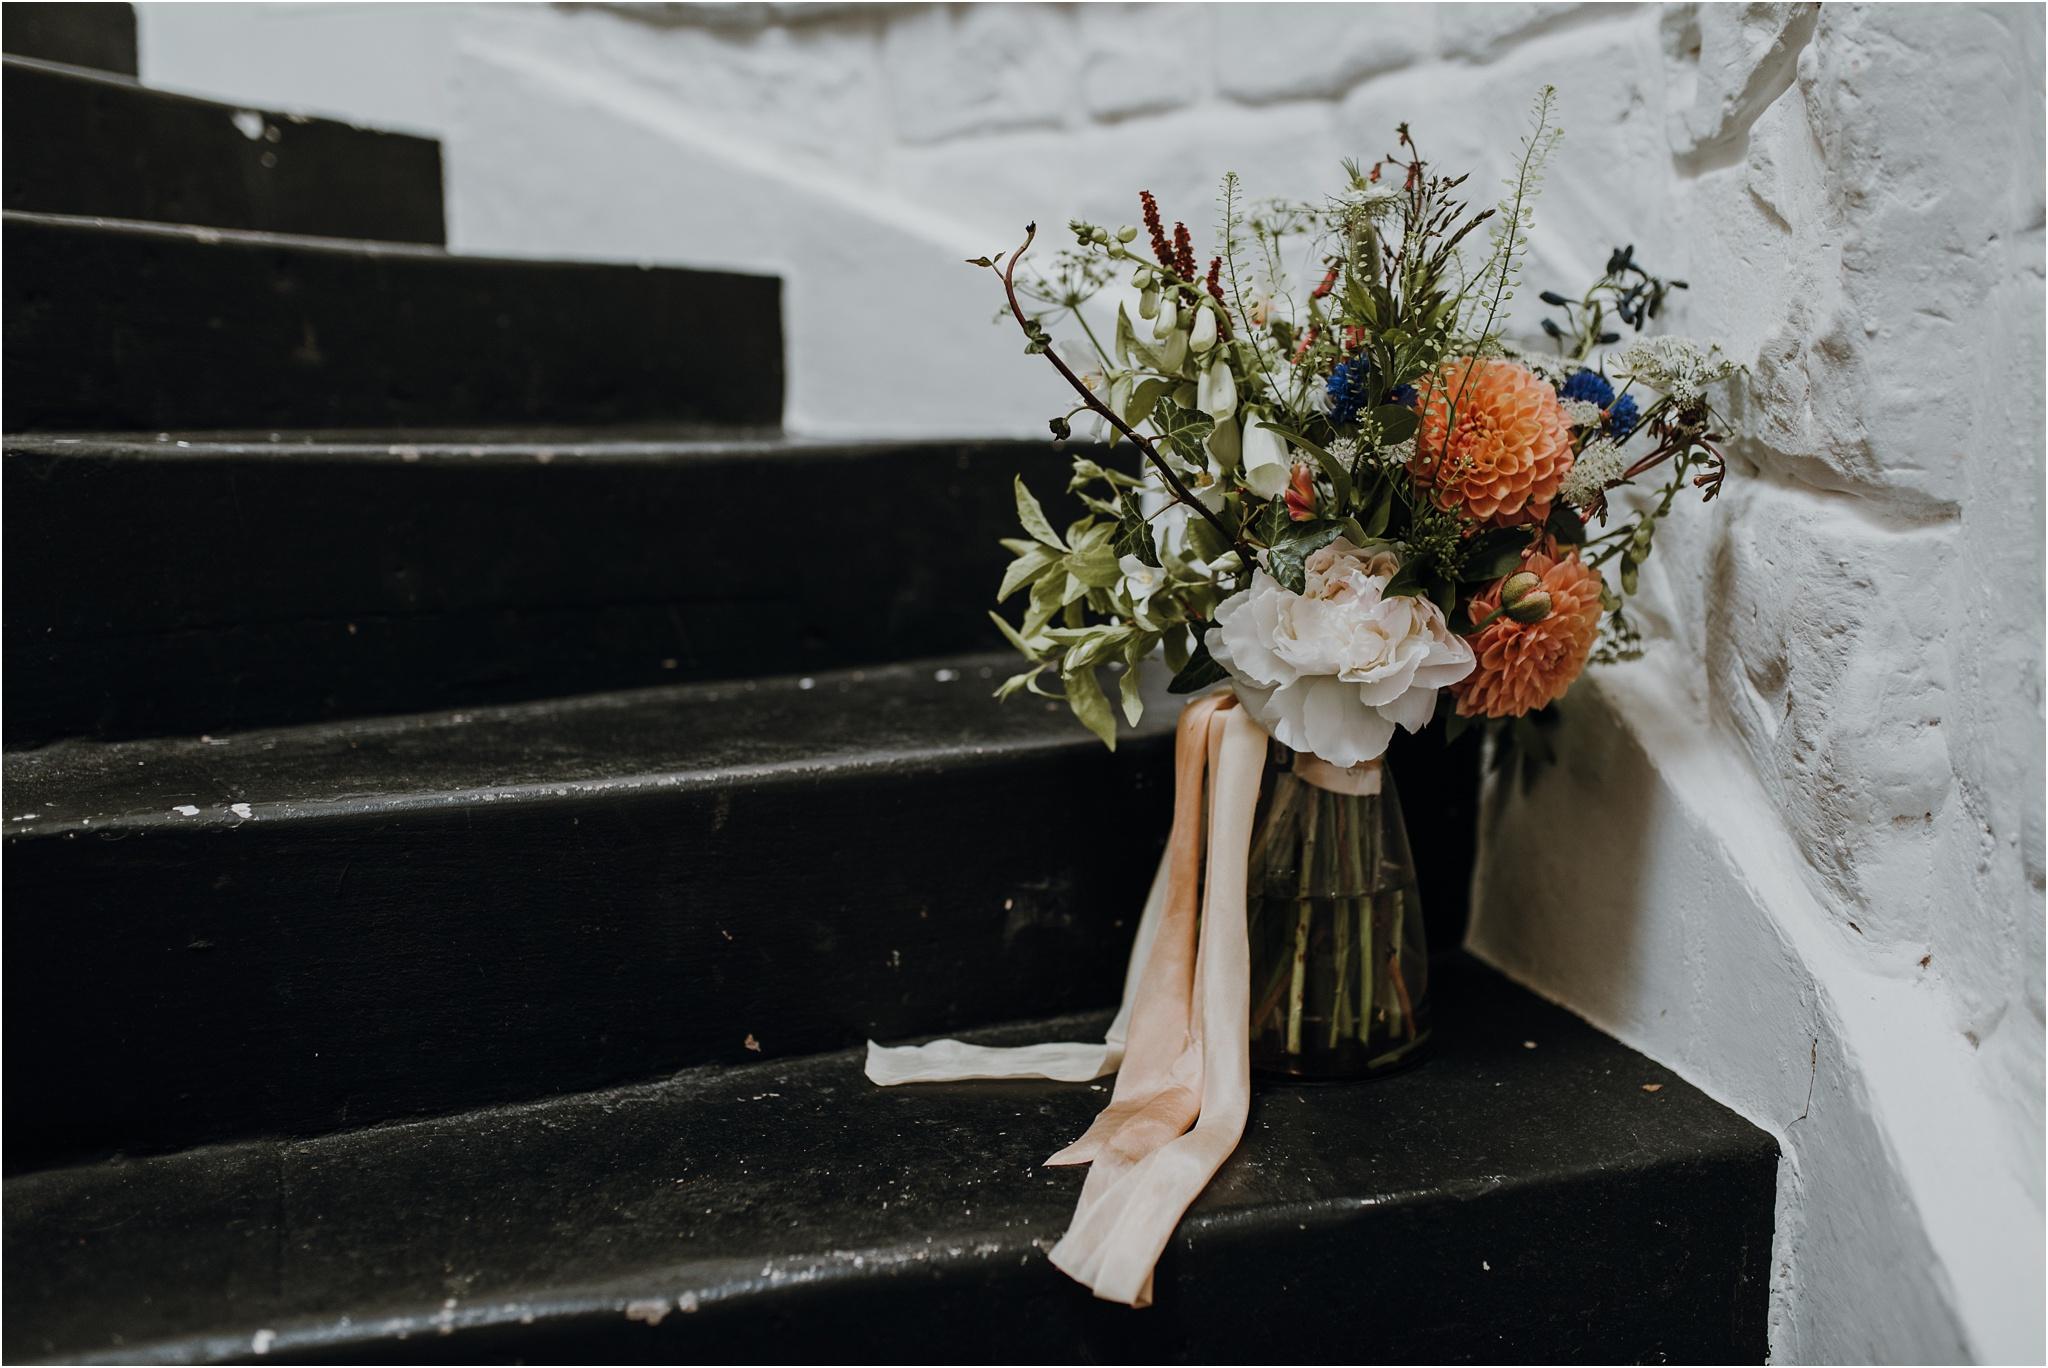 Edinburgh-barn-wedding-photographer_4.jpg